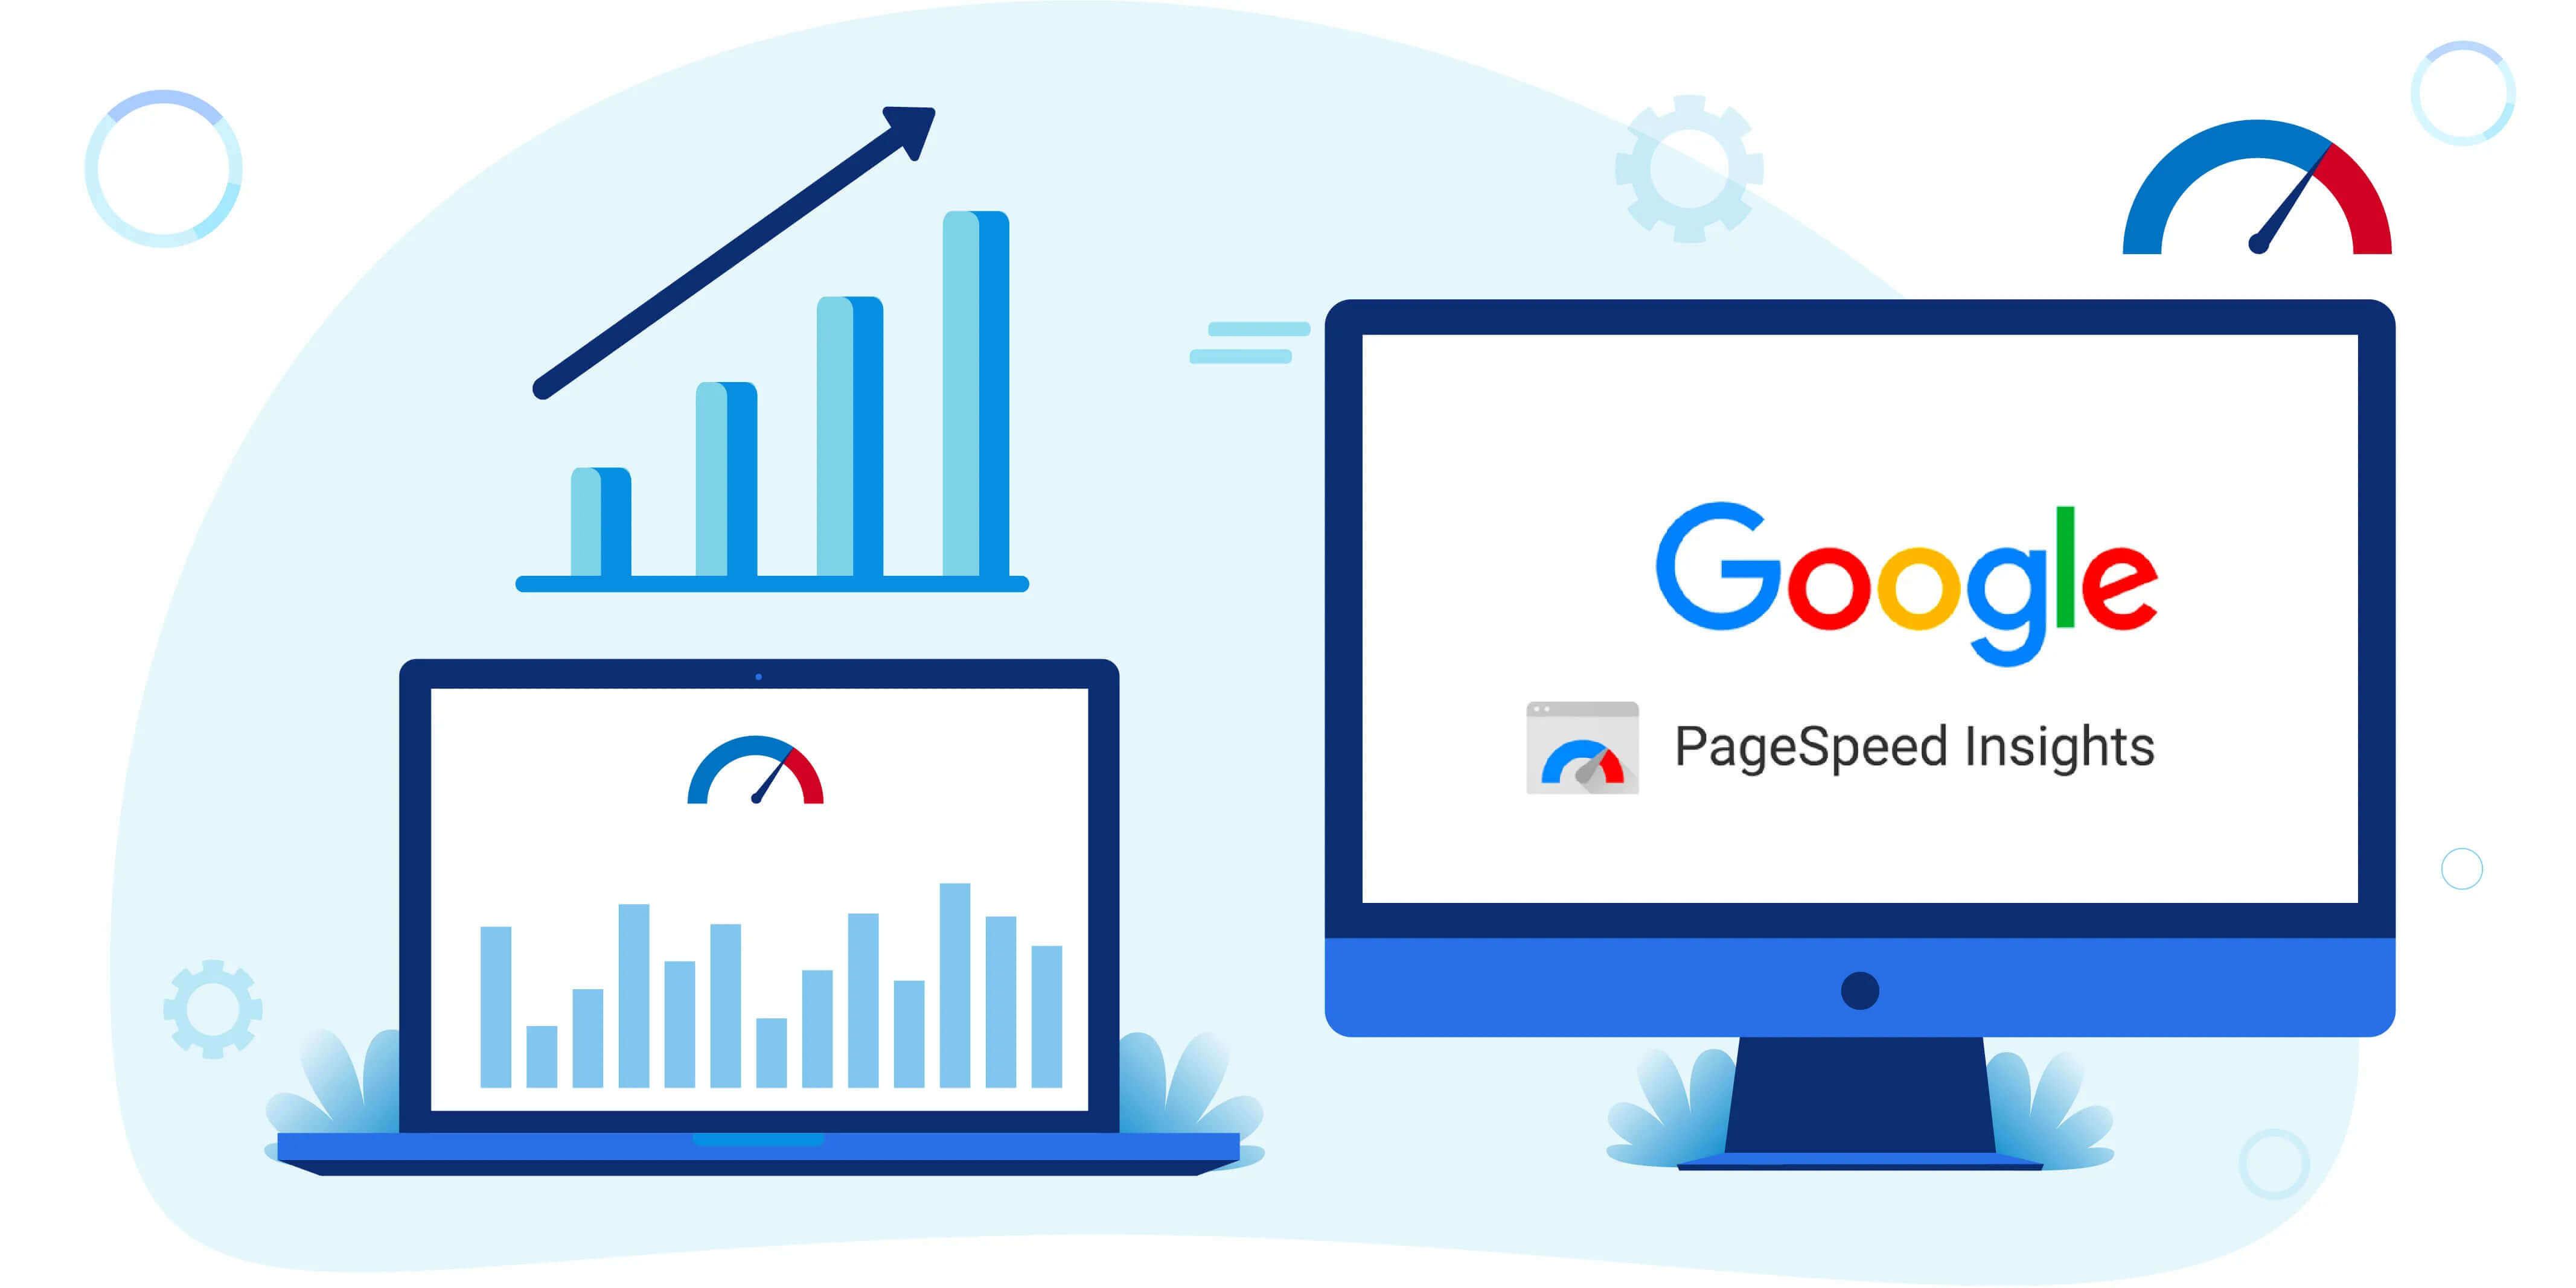 H%C6%B0%E1%BB%9Bng d%E1%BA%ABn t%E1%BB%91i %C6%B0u tr%C3%AAn 80 %C4%91i%E1%BB%83m Google PageSpeed cho Wordpress 1 - Google PageSpeed Insights là gì? Điểm PageSpeed có quan trọng?